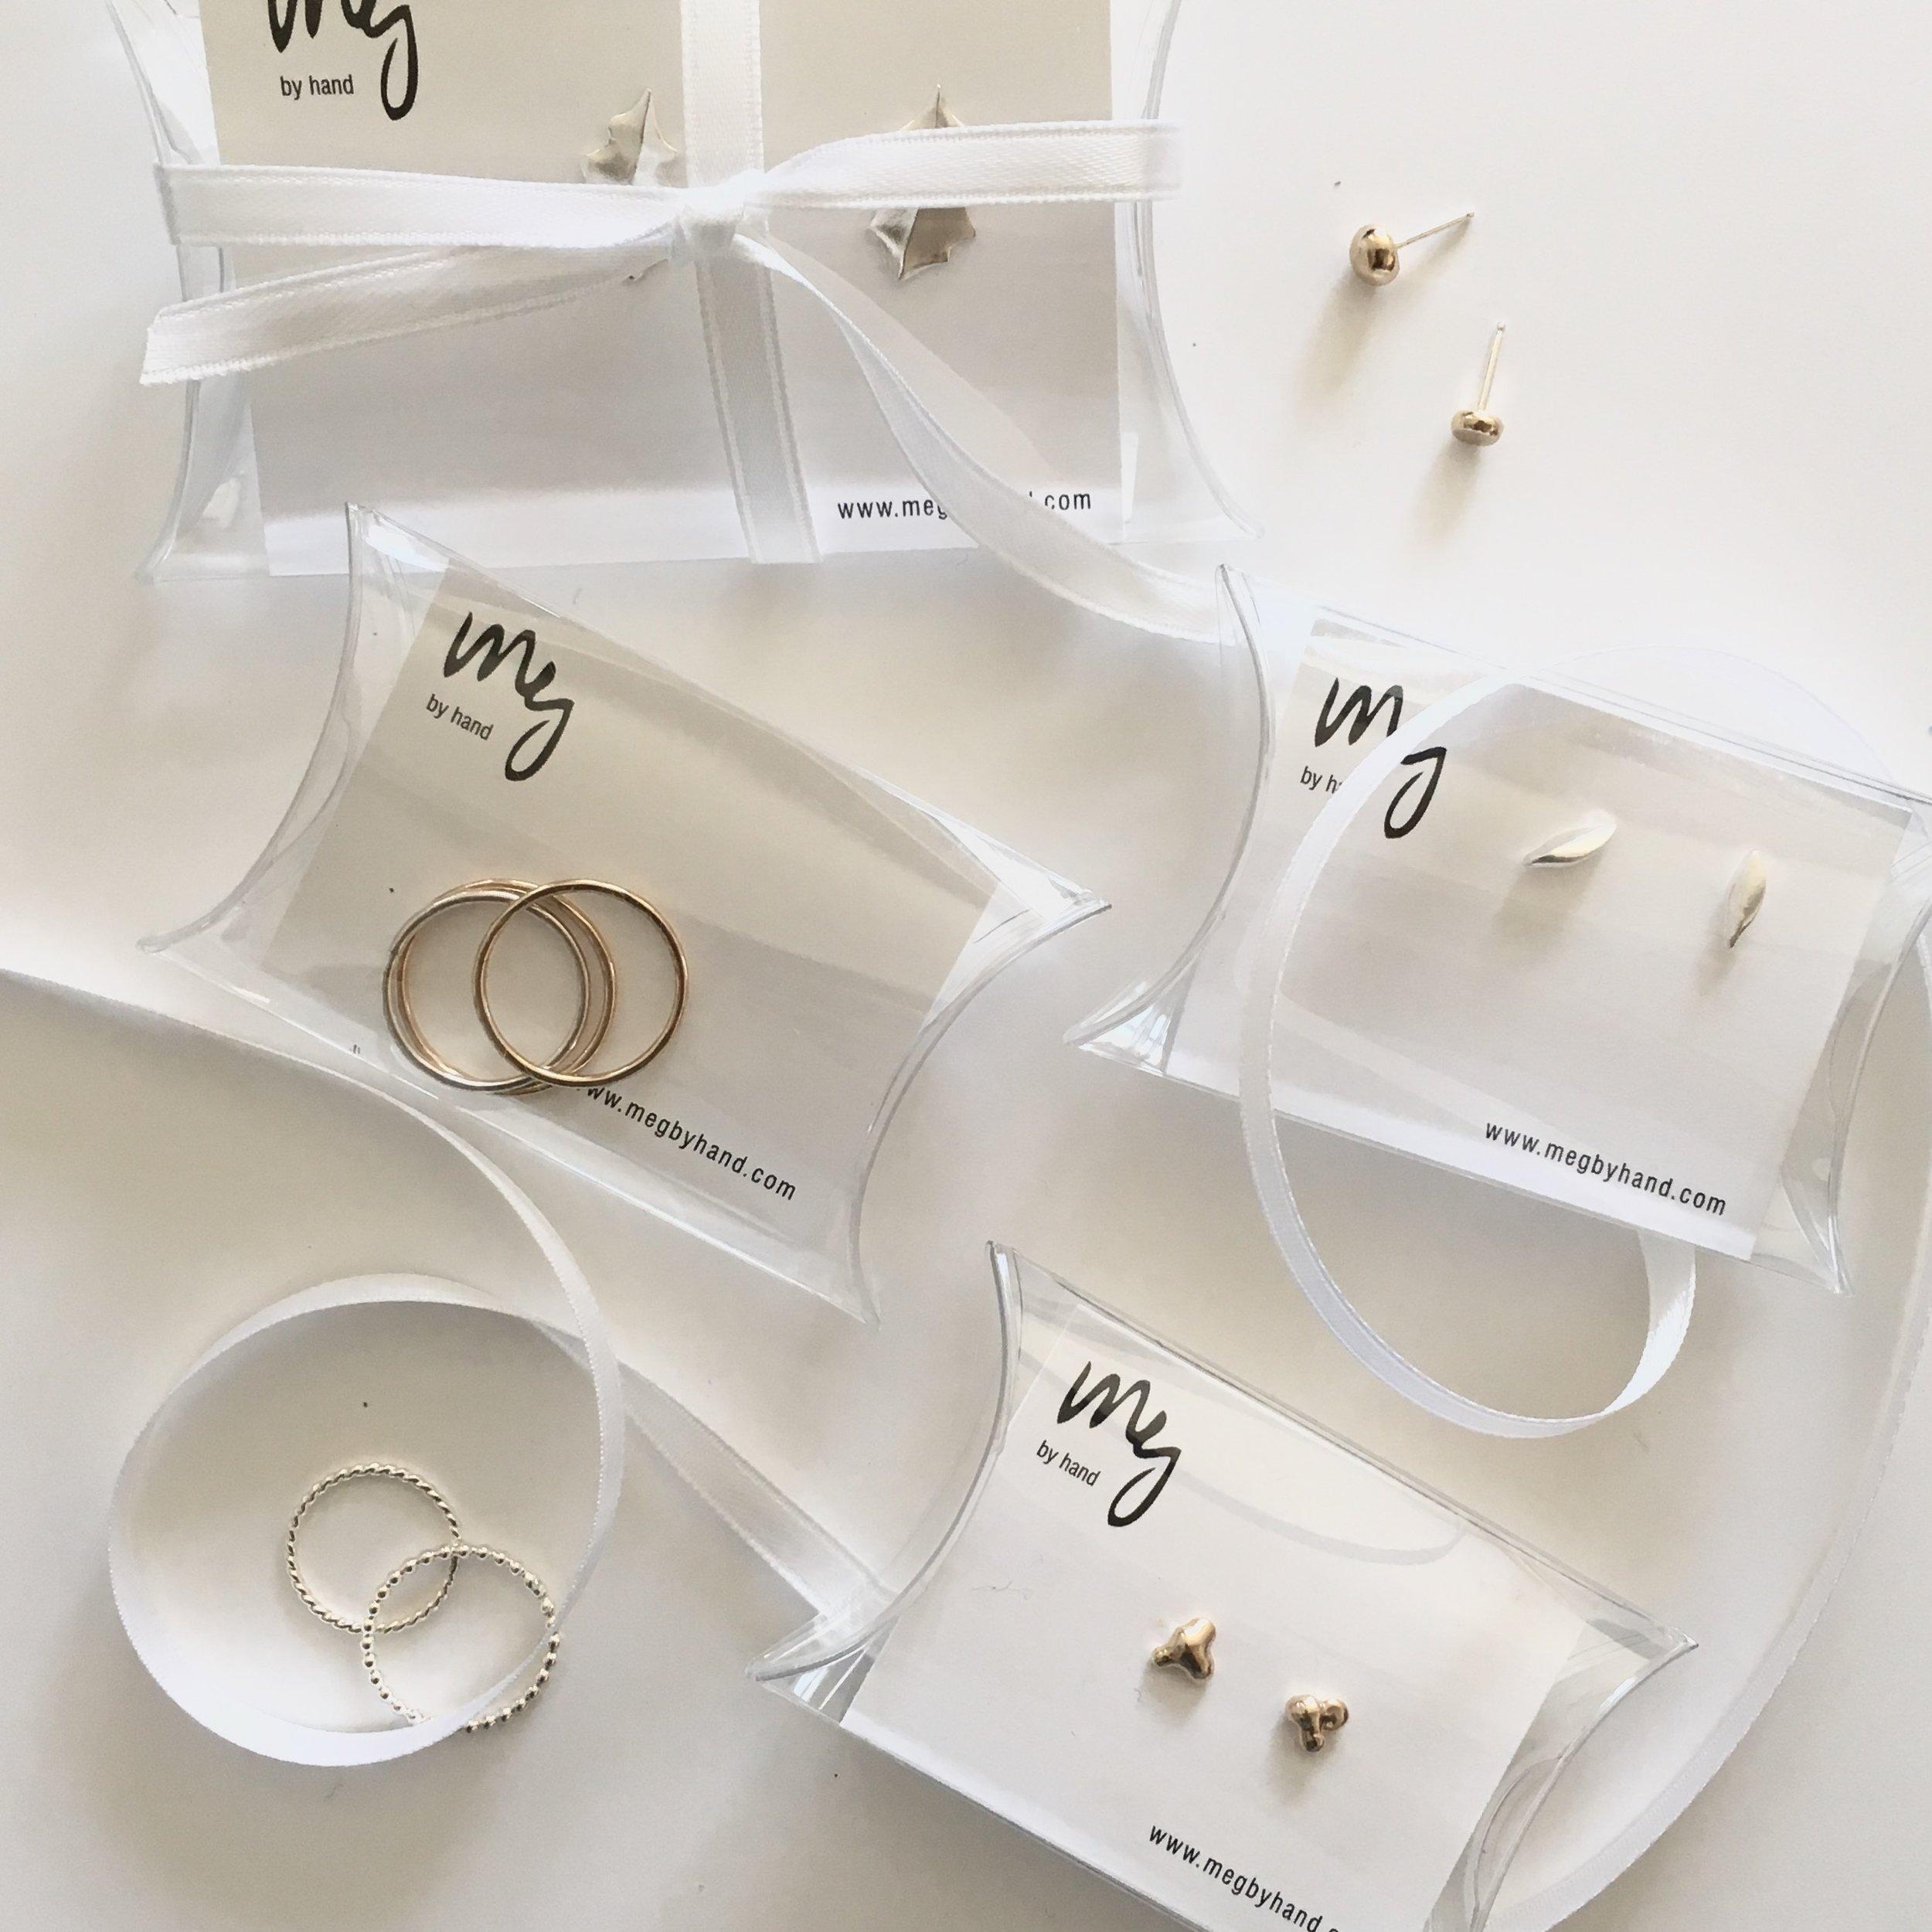 megbyhand_earrings_packaging.jpg